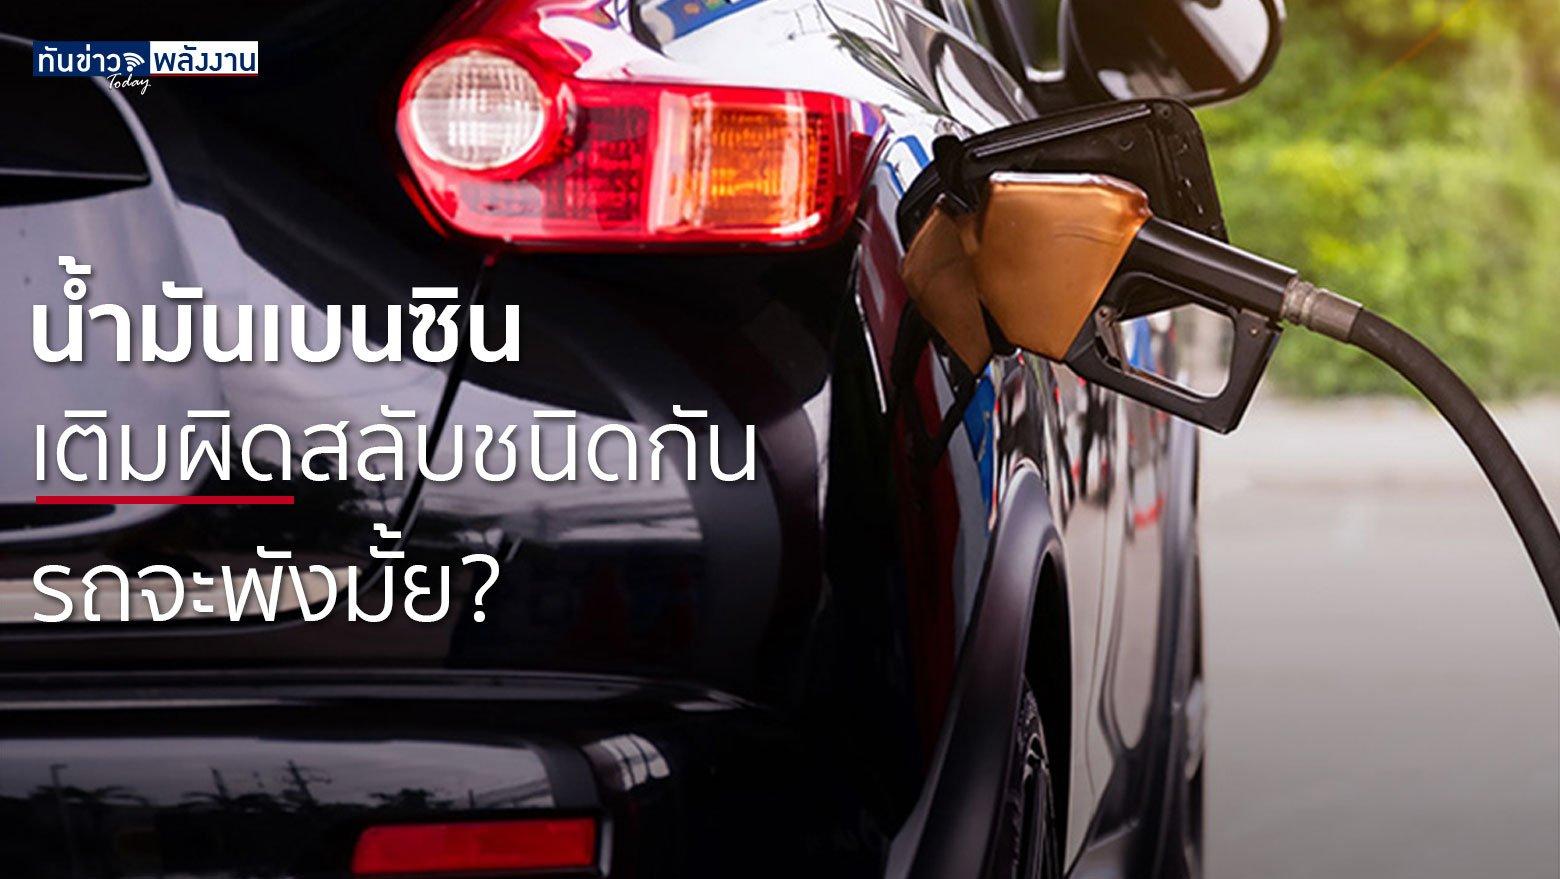 น้ำมันเบนซิน เติมผิดสลับชนิดกัน  รถจะพังมั้ย?